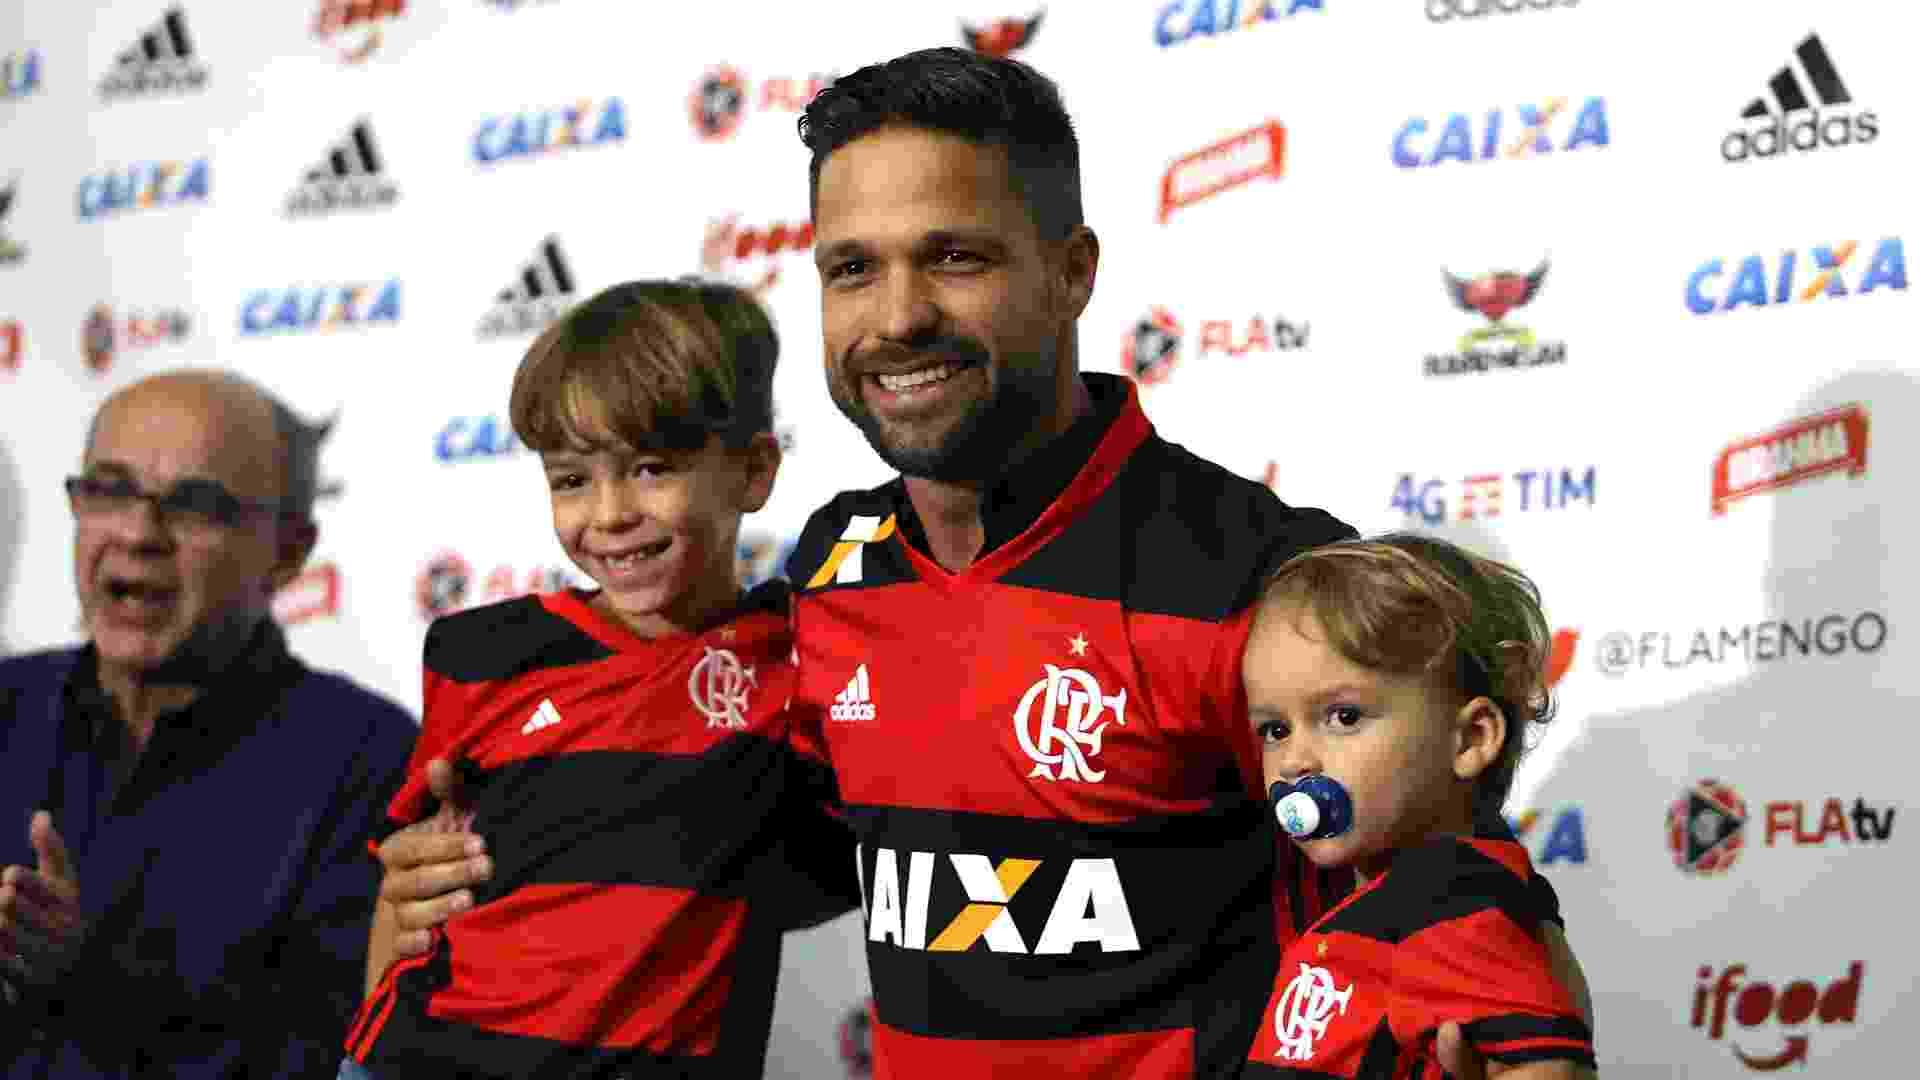 Diego posou para fotos com a camisa 35 ao lado dos filhos - Júlio César Guimarães/ UOL